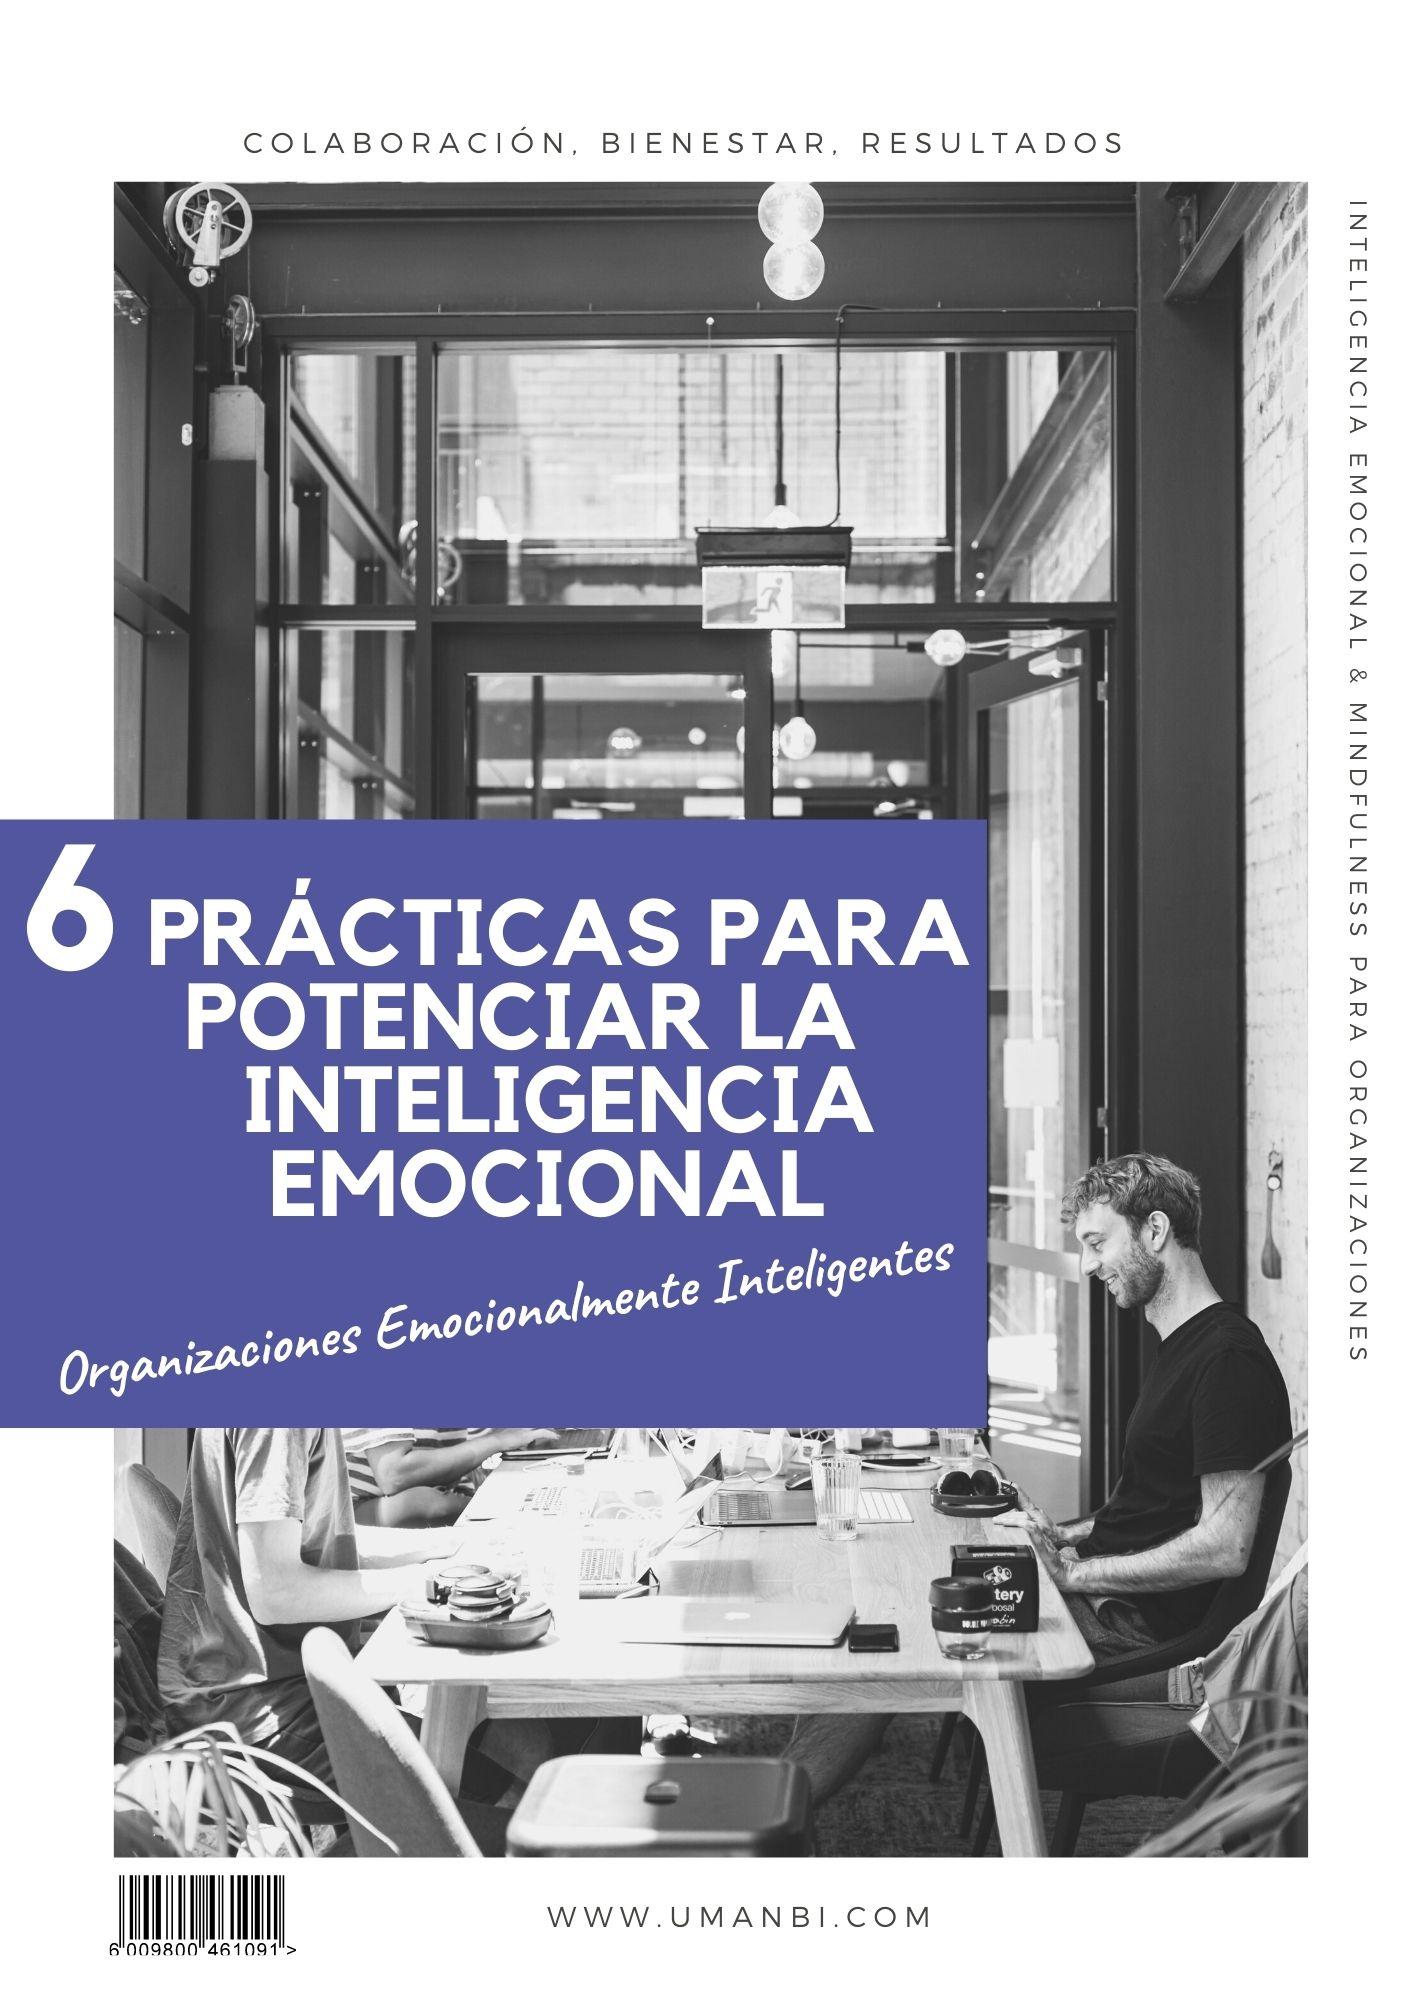 6 prácticas para potenciar la inteligencia emocional